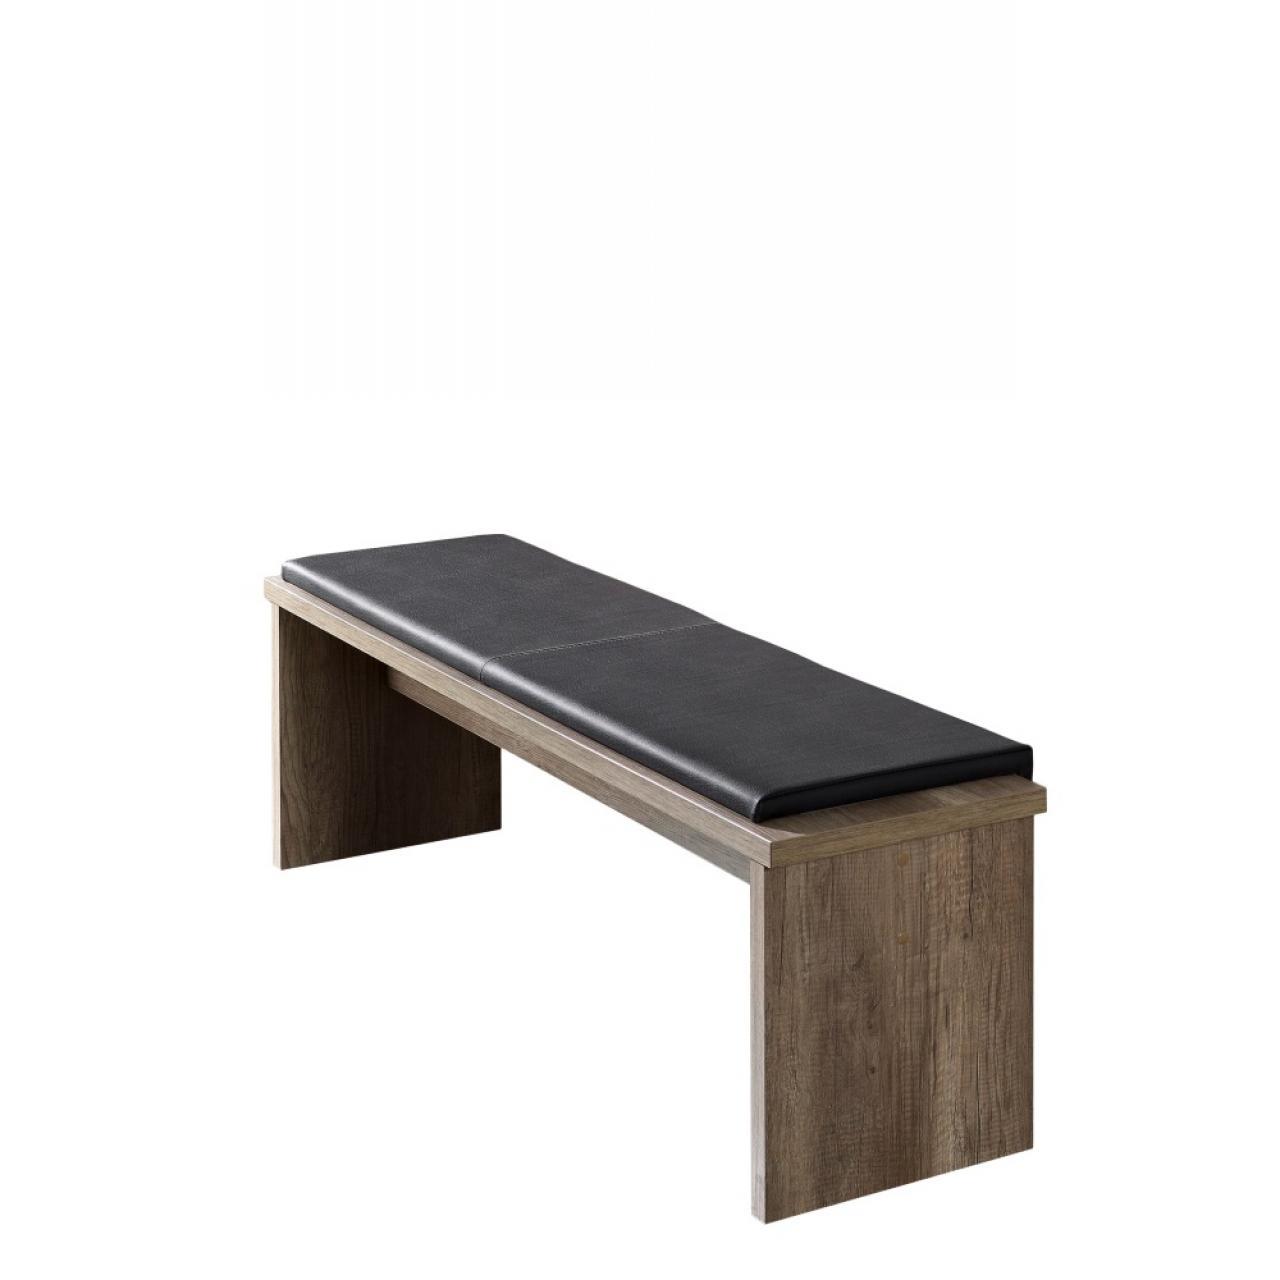 klemmkissen 1007 schwarz kunstleder b nke esszimmer. Black Bedroom Furniture Sets. Home Design Ideas